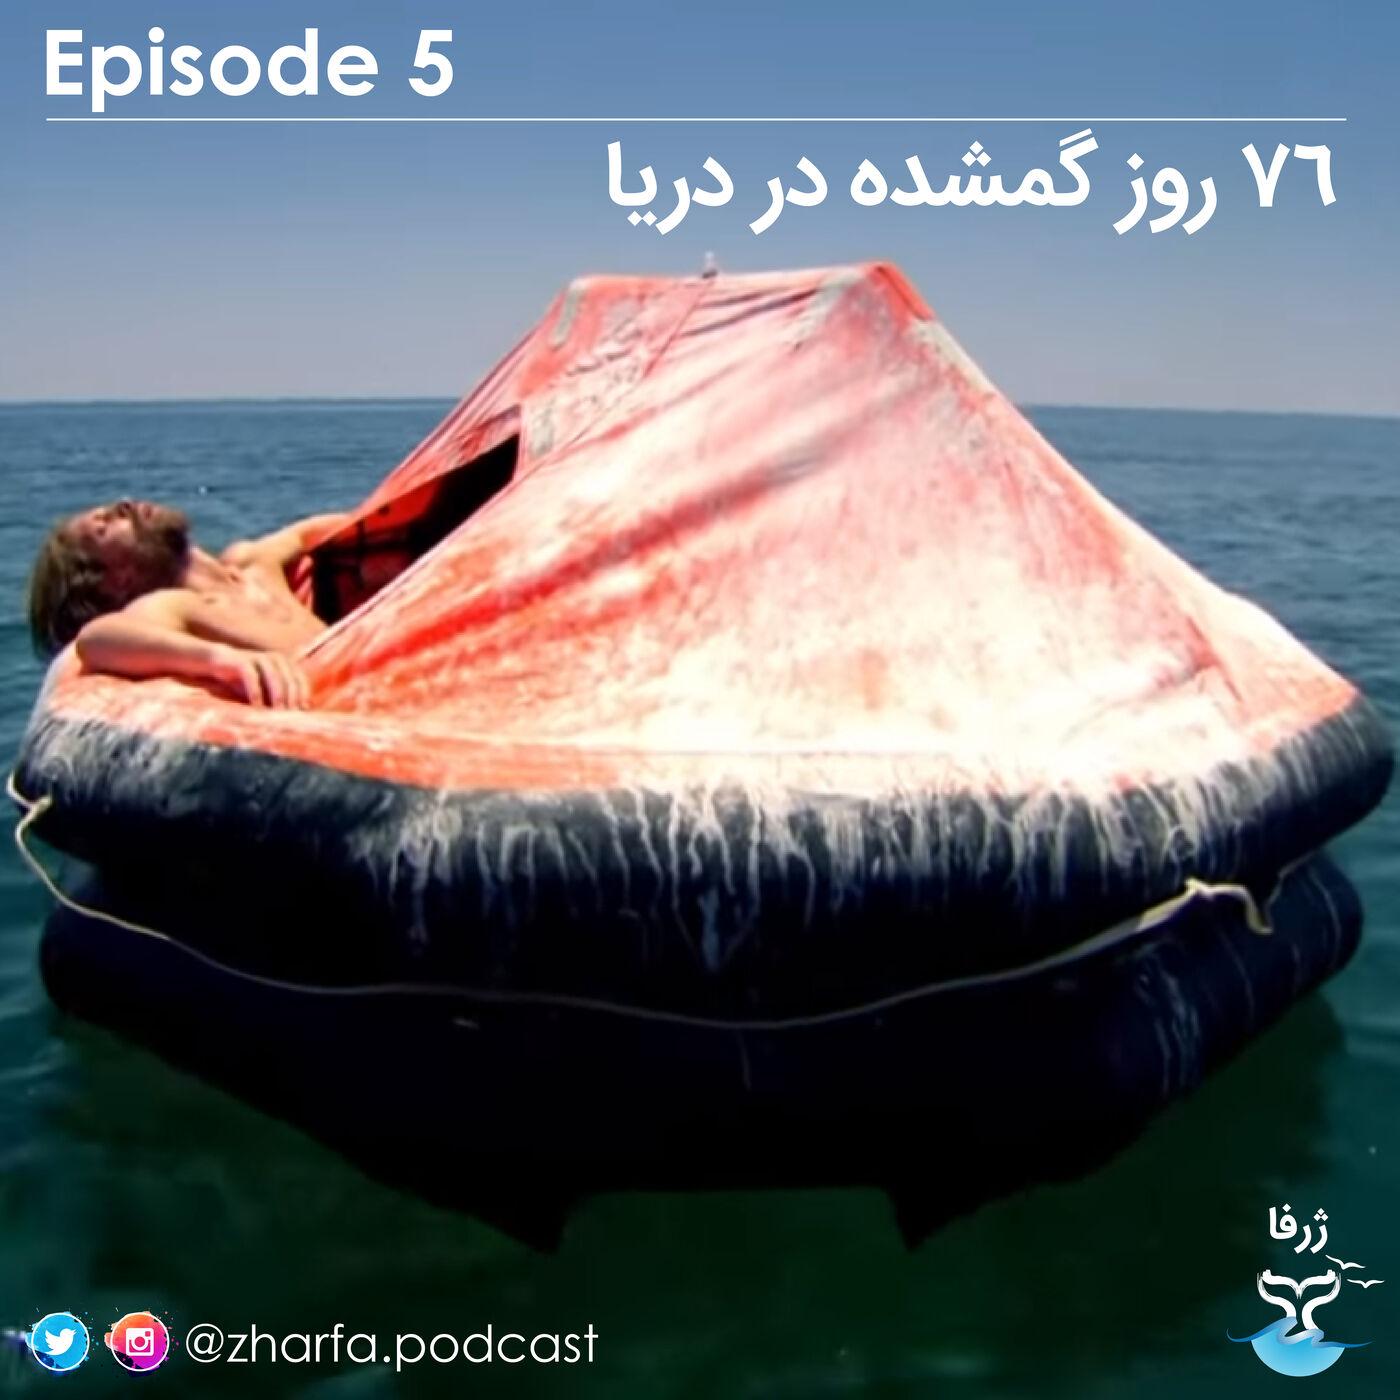 قسمت پنج - 76 روز گم شده در دریا